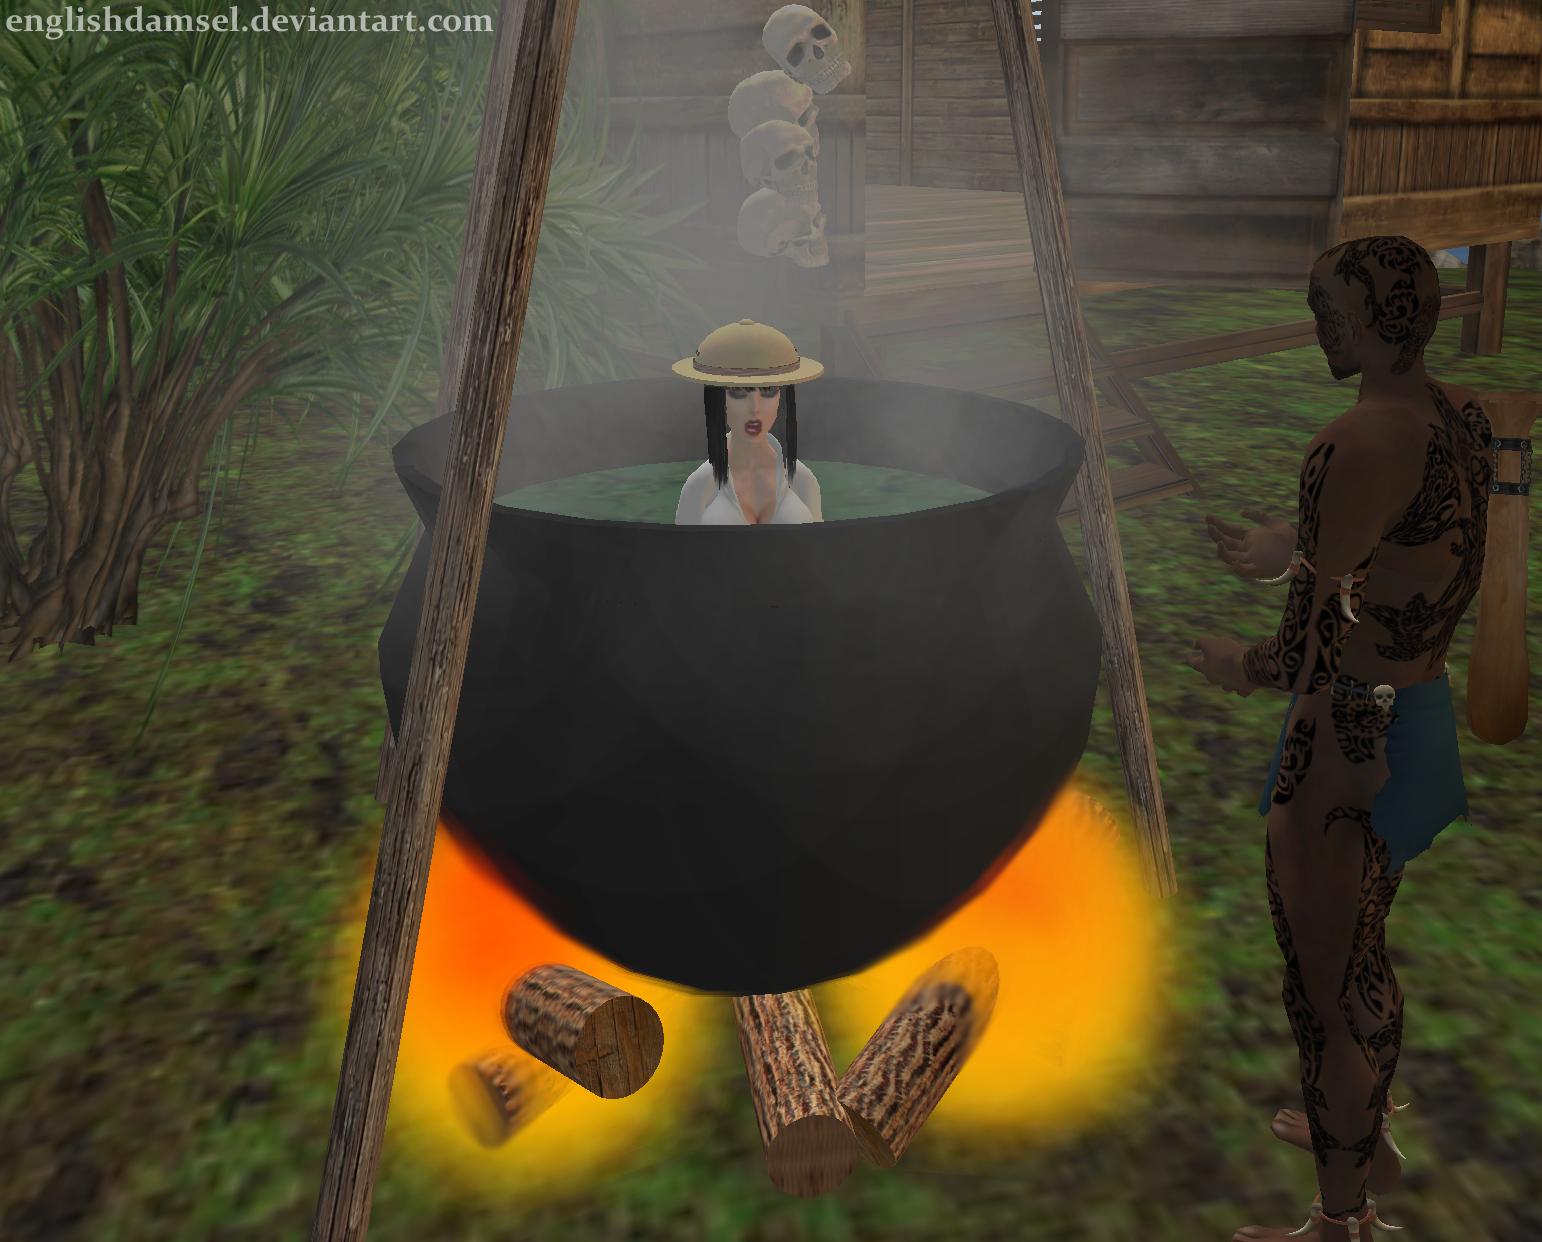 Penelope in the Pot by EnglishDamsel on DeviantArt